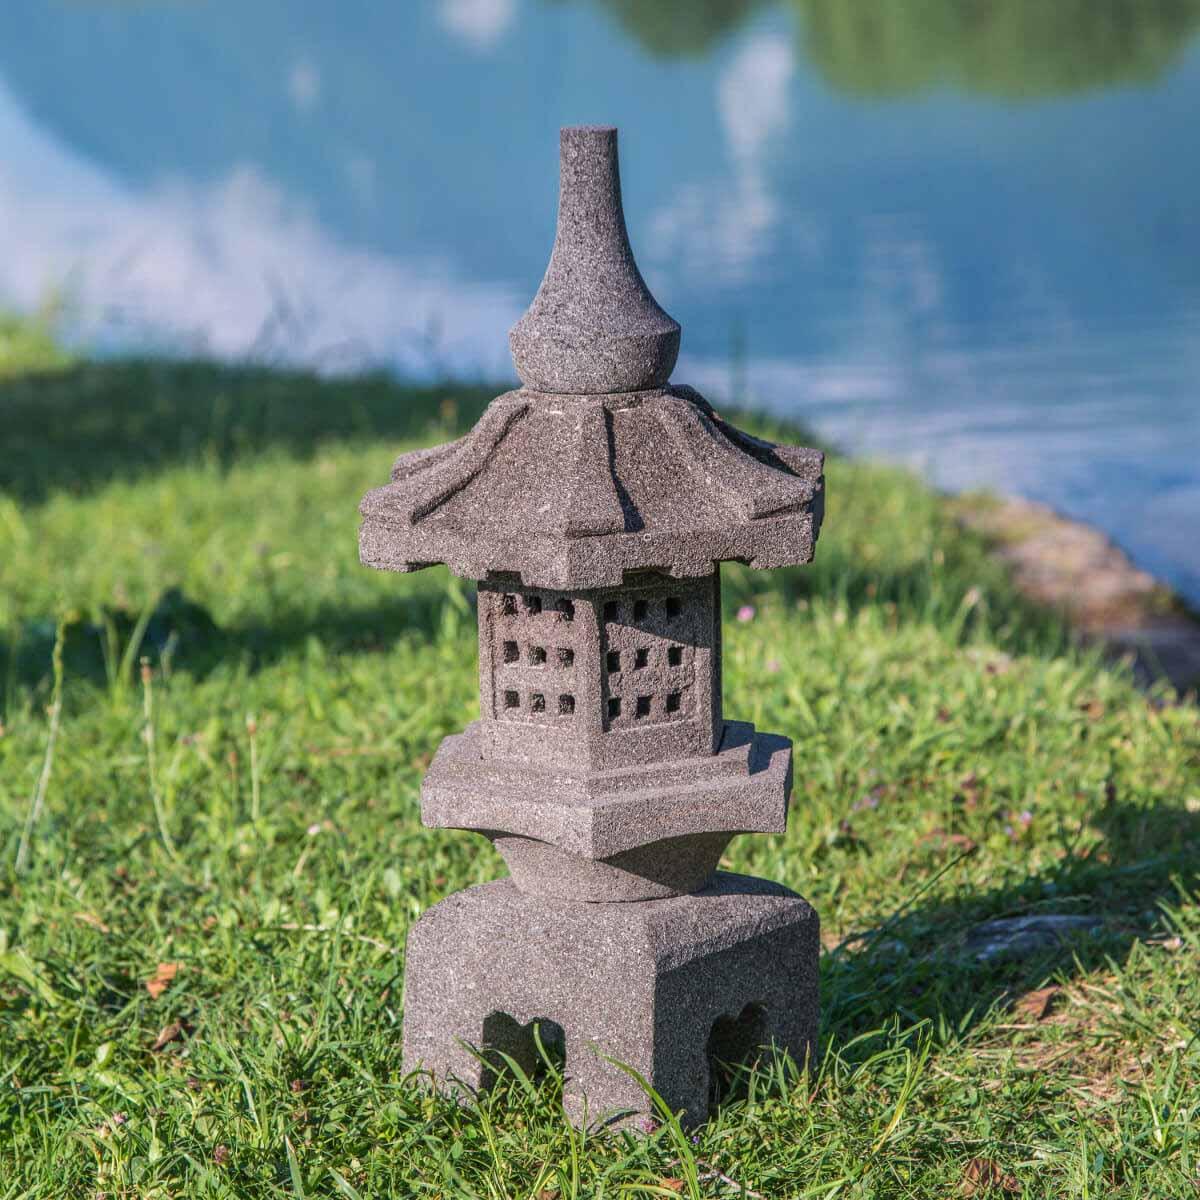 Wanda Collection Lanterne japonaise toro en pierre de lave 55cm